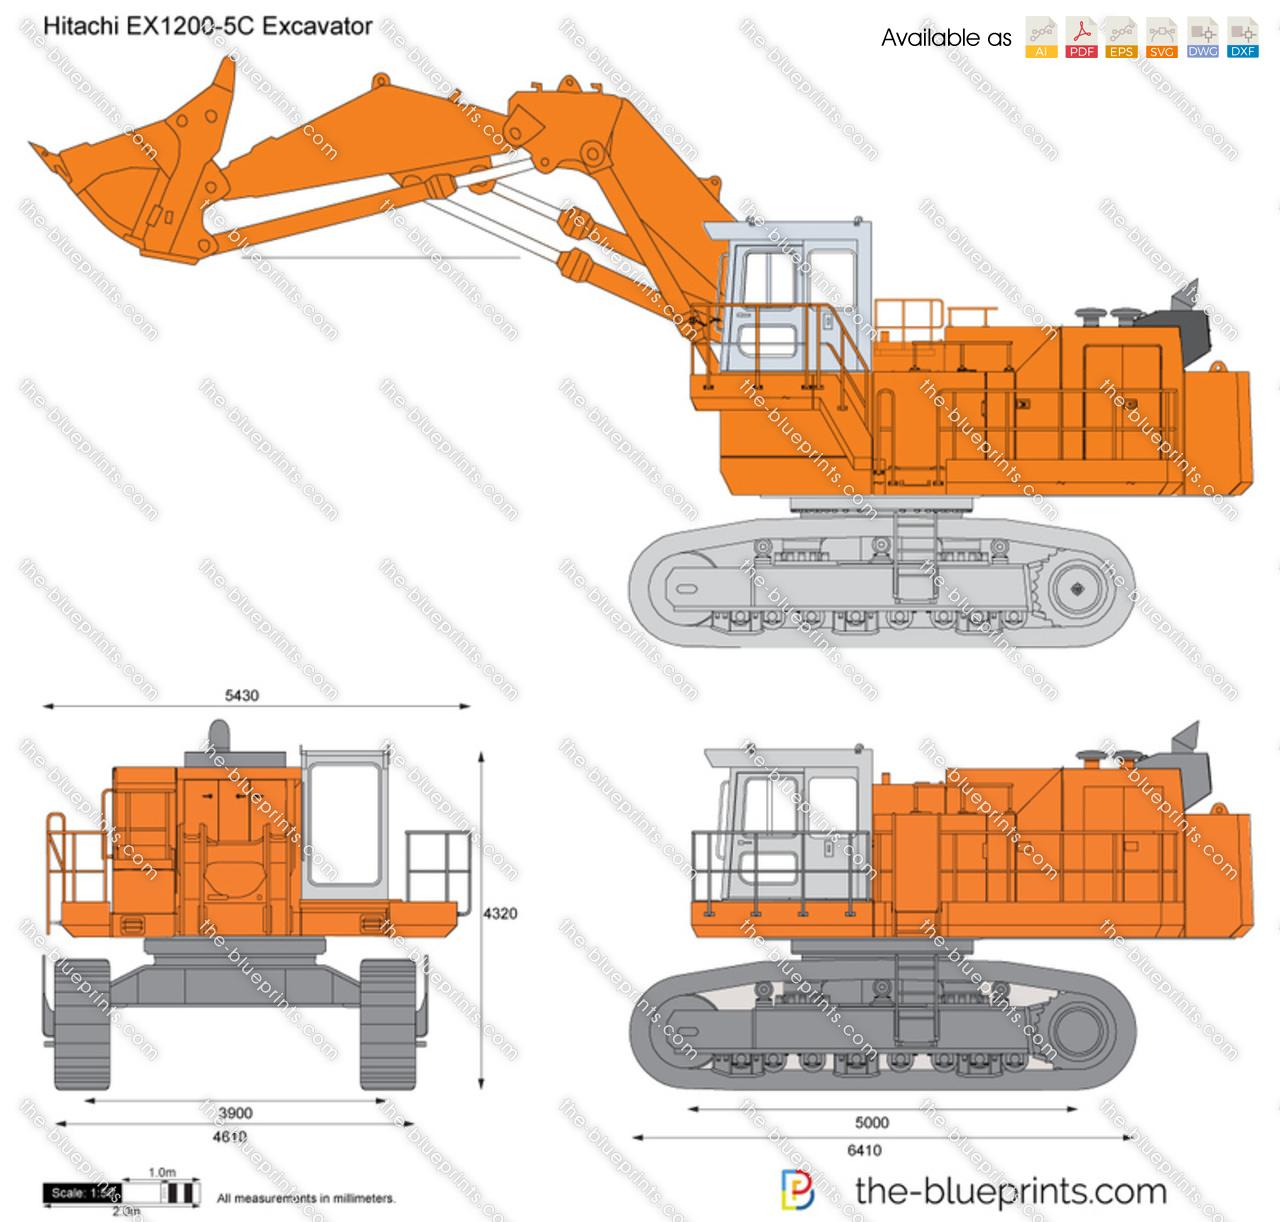 Hitachi EX1200-5C Excavator